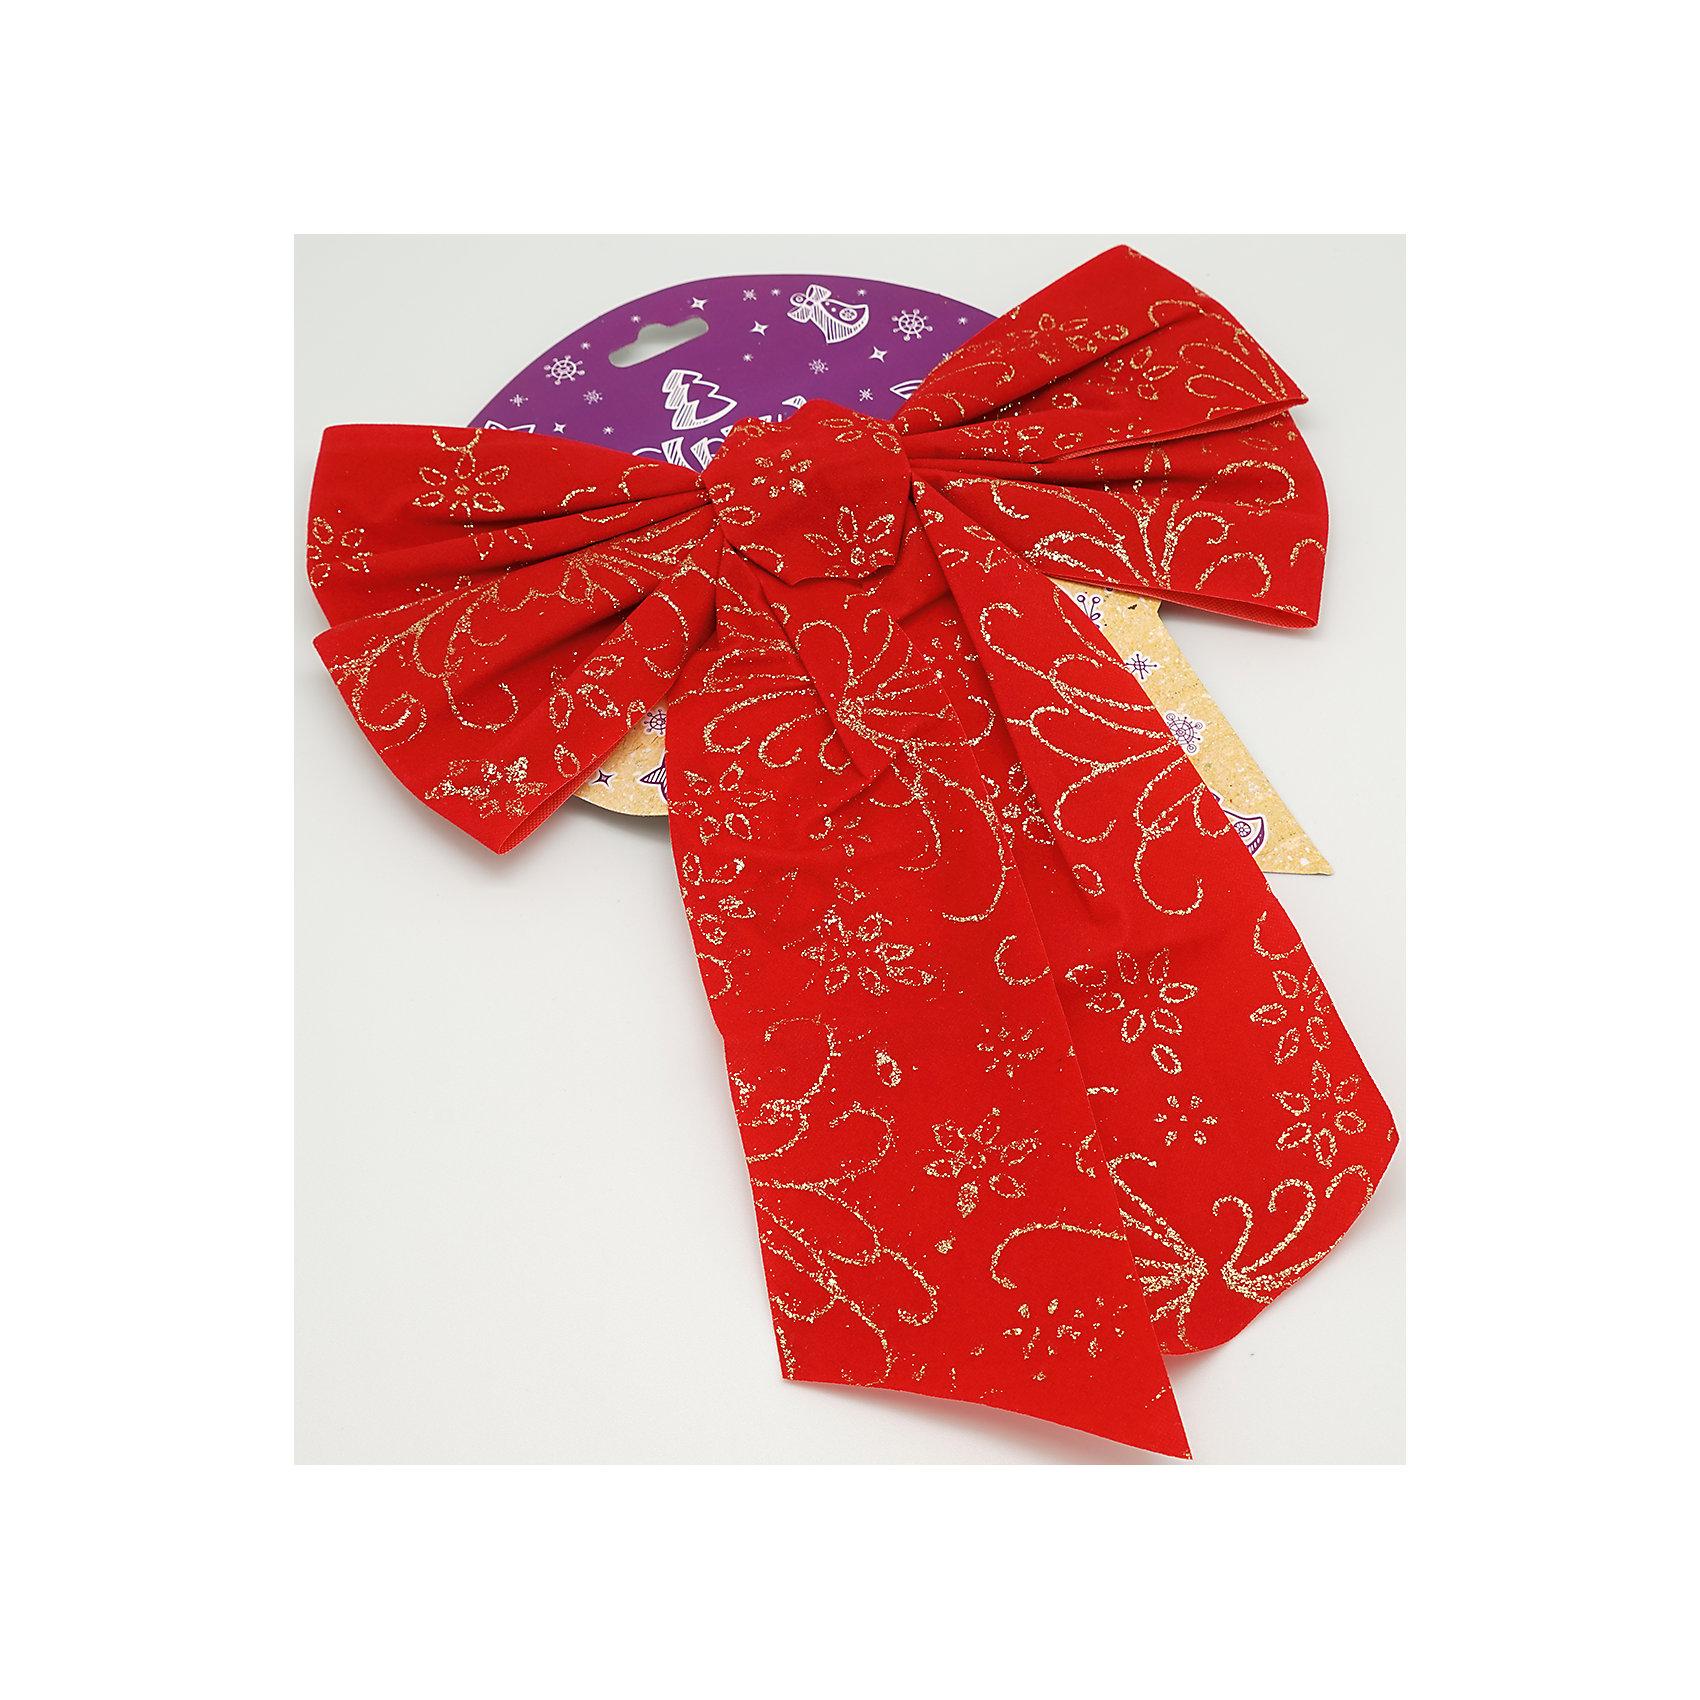 Красный бархатный бант 17 смХарактеристики товара:<br><br>• цвет: красный<br>• размер банта: 17 см<br>• размер упаковки: 27х17х1 см<br>• комплектация: 1 шт<br>• материал: нейлон<br>• фактура: под бархат<br>• для украшения интерьера или подарков<br>• страна производства: Китай<br><br>Бант - это универсальное украшение, он добавит торжественности и духа праздника прическе, интерьеру, подарочной упаковке, ёлке! Это украшение будет отлично смотреться в окружении любой цветовой гаммы, оно качественно выполнено и нарядно смотрится. С помощью такого банта можно оригинально украсить квартиру к празднику и декорировать пакет или коробку с подарком.<br>Такие небольшие детали и создают праздник! От них во многом зависит хорошее новогоднее настроение. Изделие производится из качественных сертифицированных материалов, безопасных даже для самых маленьких.<br><br>Бант бархат красный (0,27Х0,17Х0,01 м) можно купить в нашем интернет-магазине.<br><br>Ширина мм: 290<br>Глубина мм: 170<br>Высота мм: 10<br>Вес г: 50<br>Возраст от месяцев: 72<br>Возраст до месяцев: 480<br>Пол: Унисекс<br>Возраст: Детский<br>SKU: 5051632